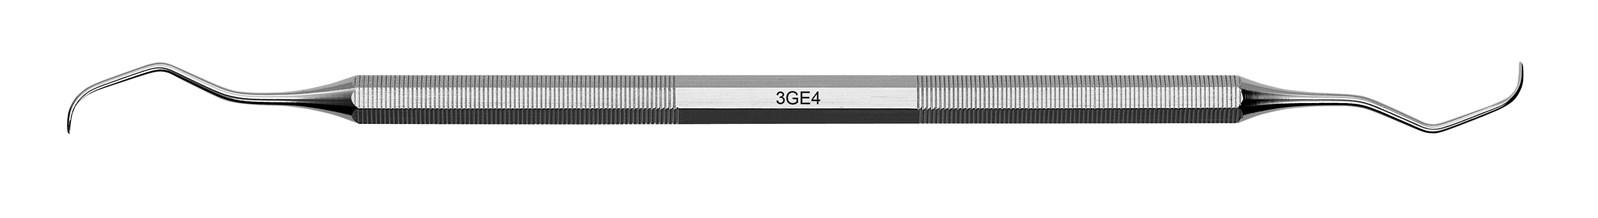 Kyreta Gracey Classic - 3GE4, ADEP silikonový návlek šedý